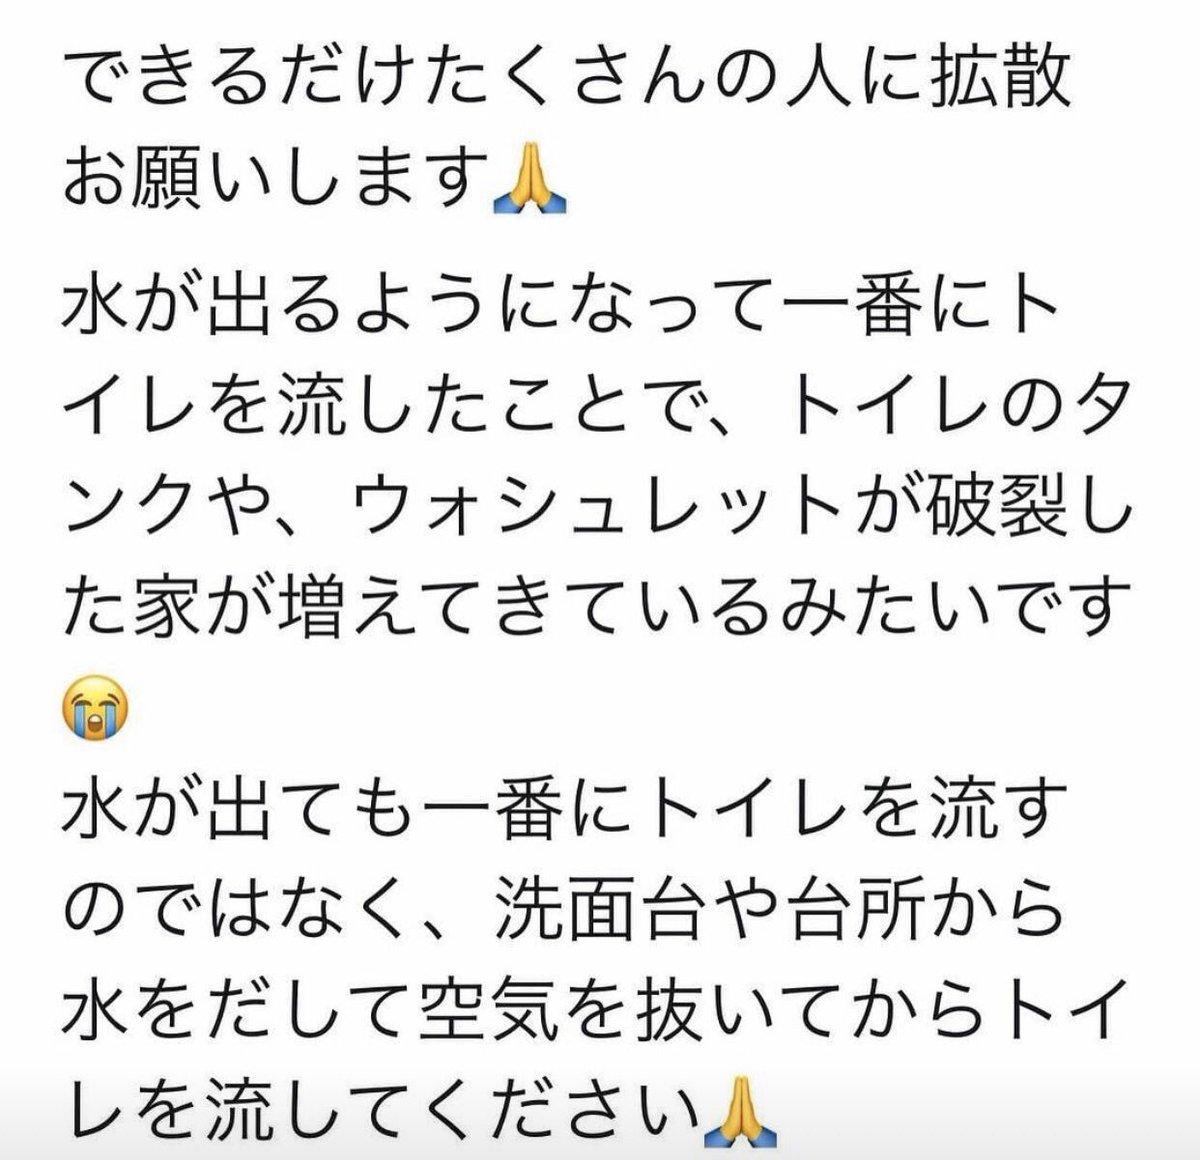 内田滋さんの投稿画像